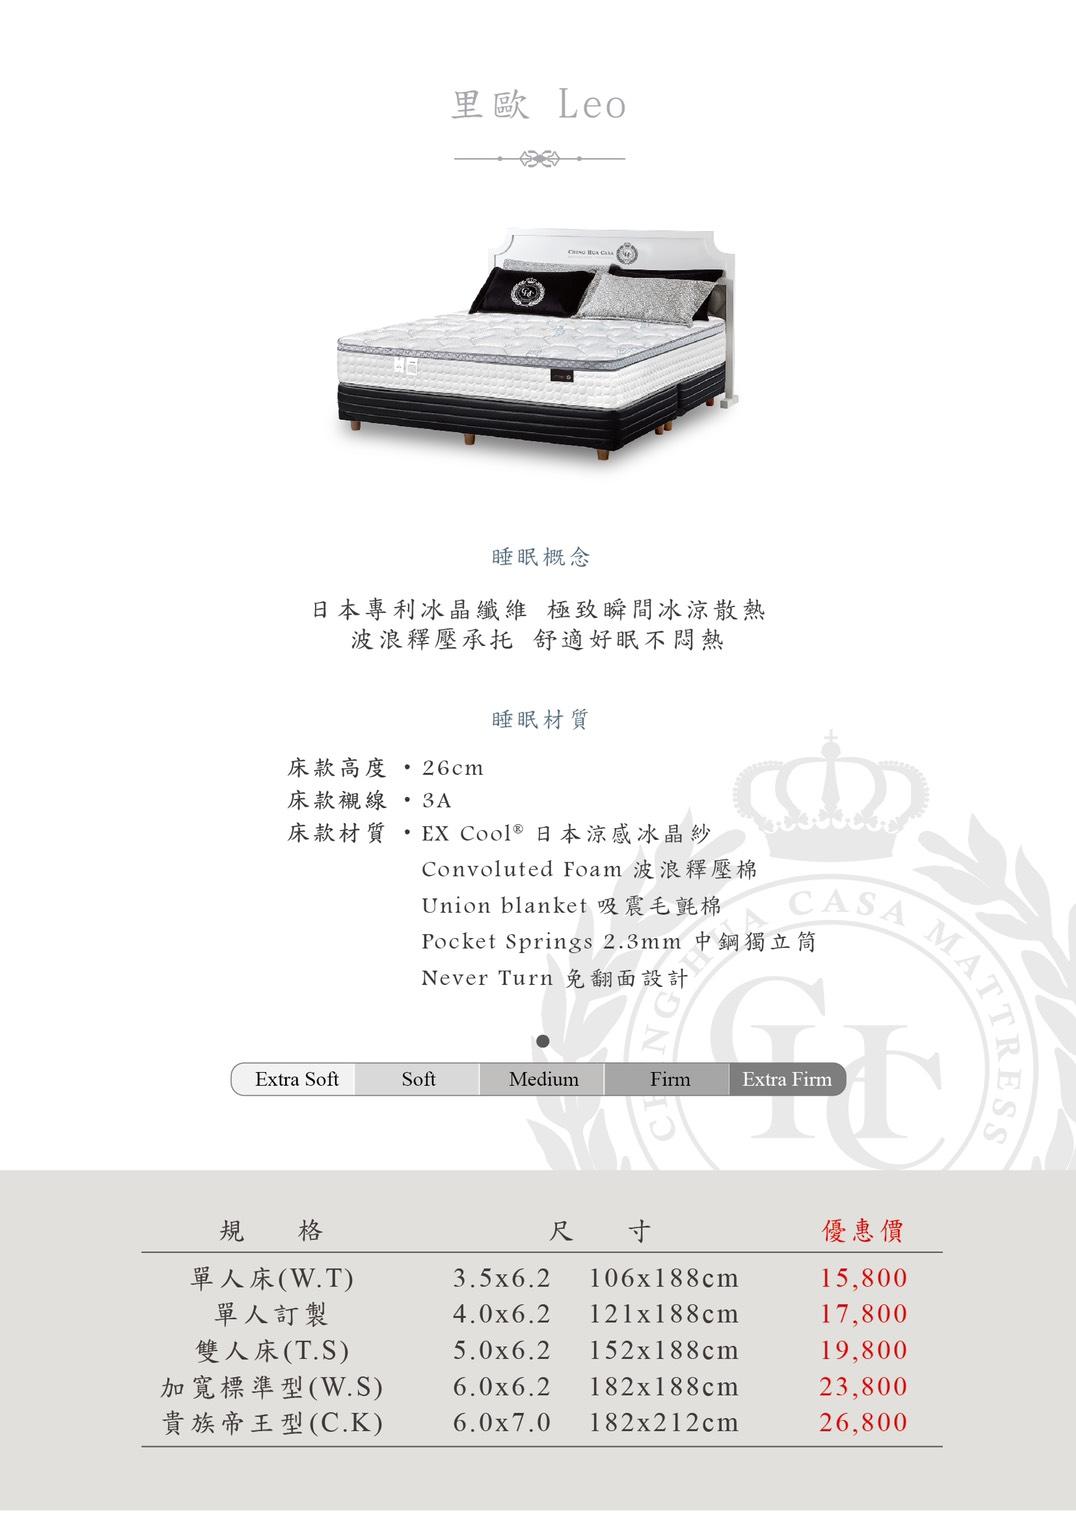 CHC床墊| 里歐床墊新價格2021